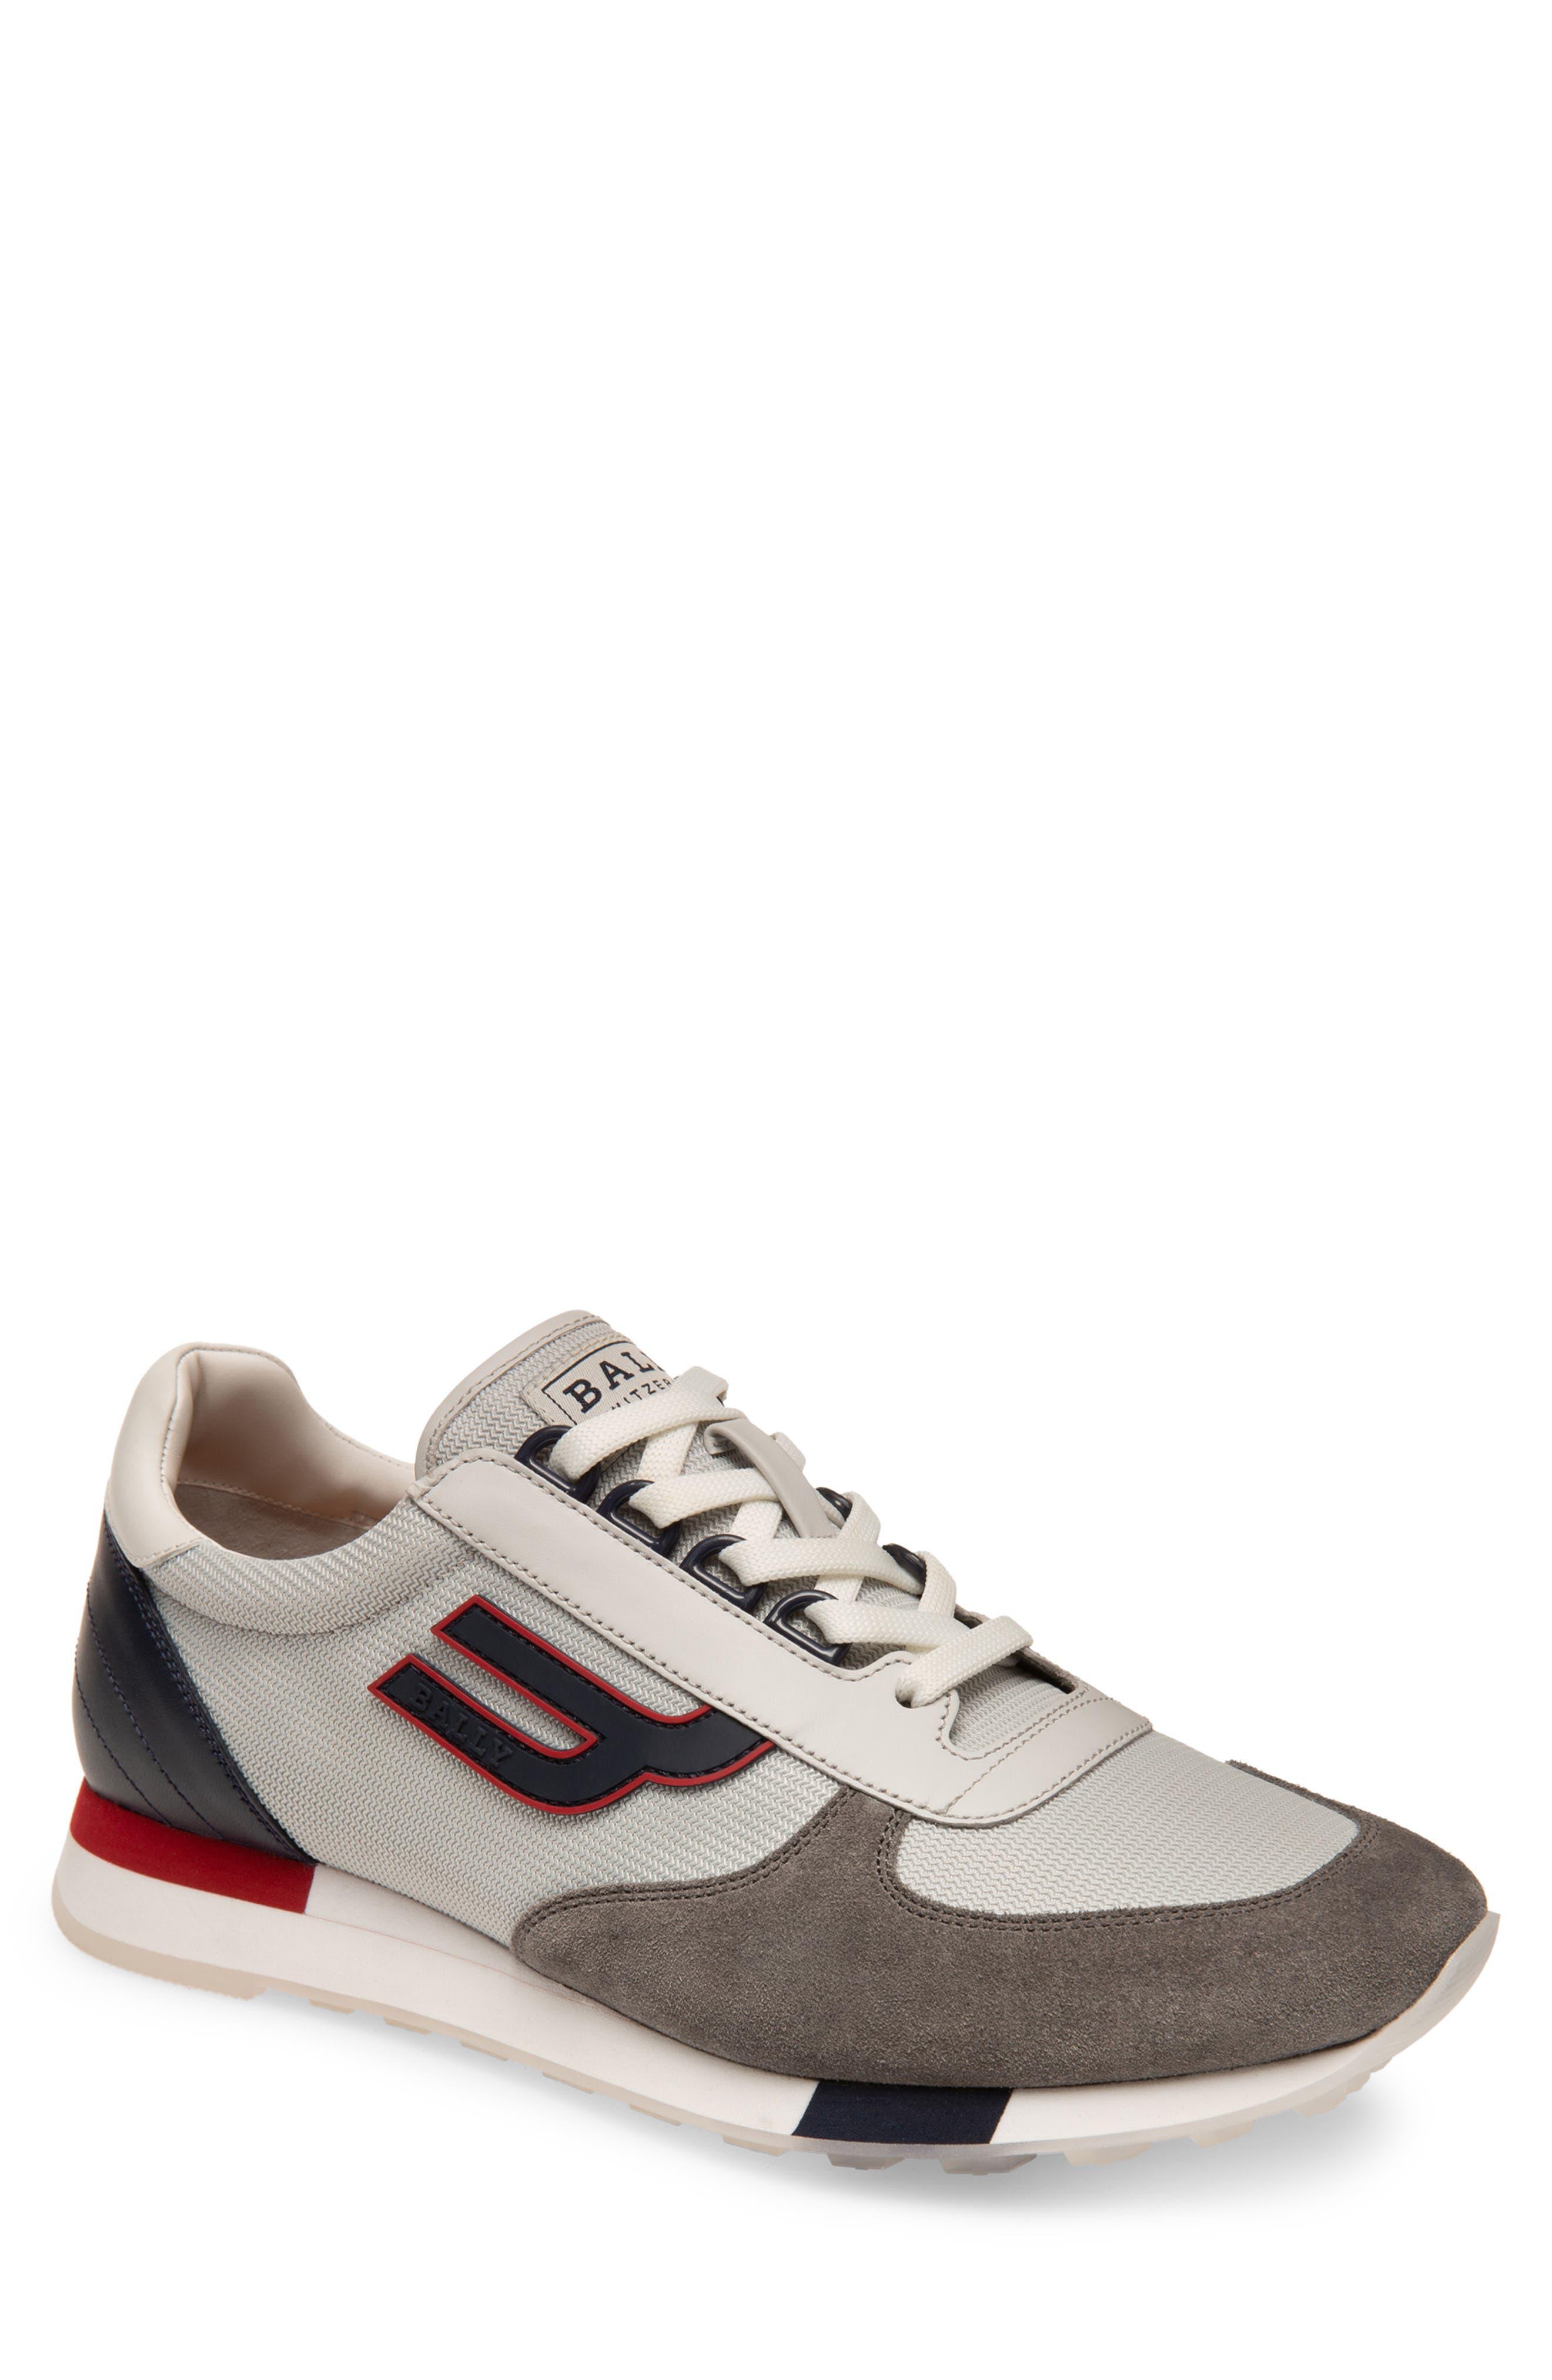 Gavino Low Top Sneaker, Main, color, GREY